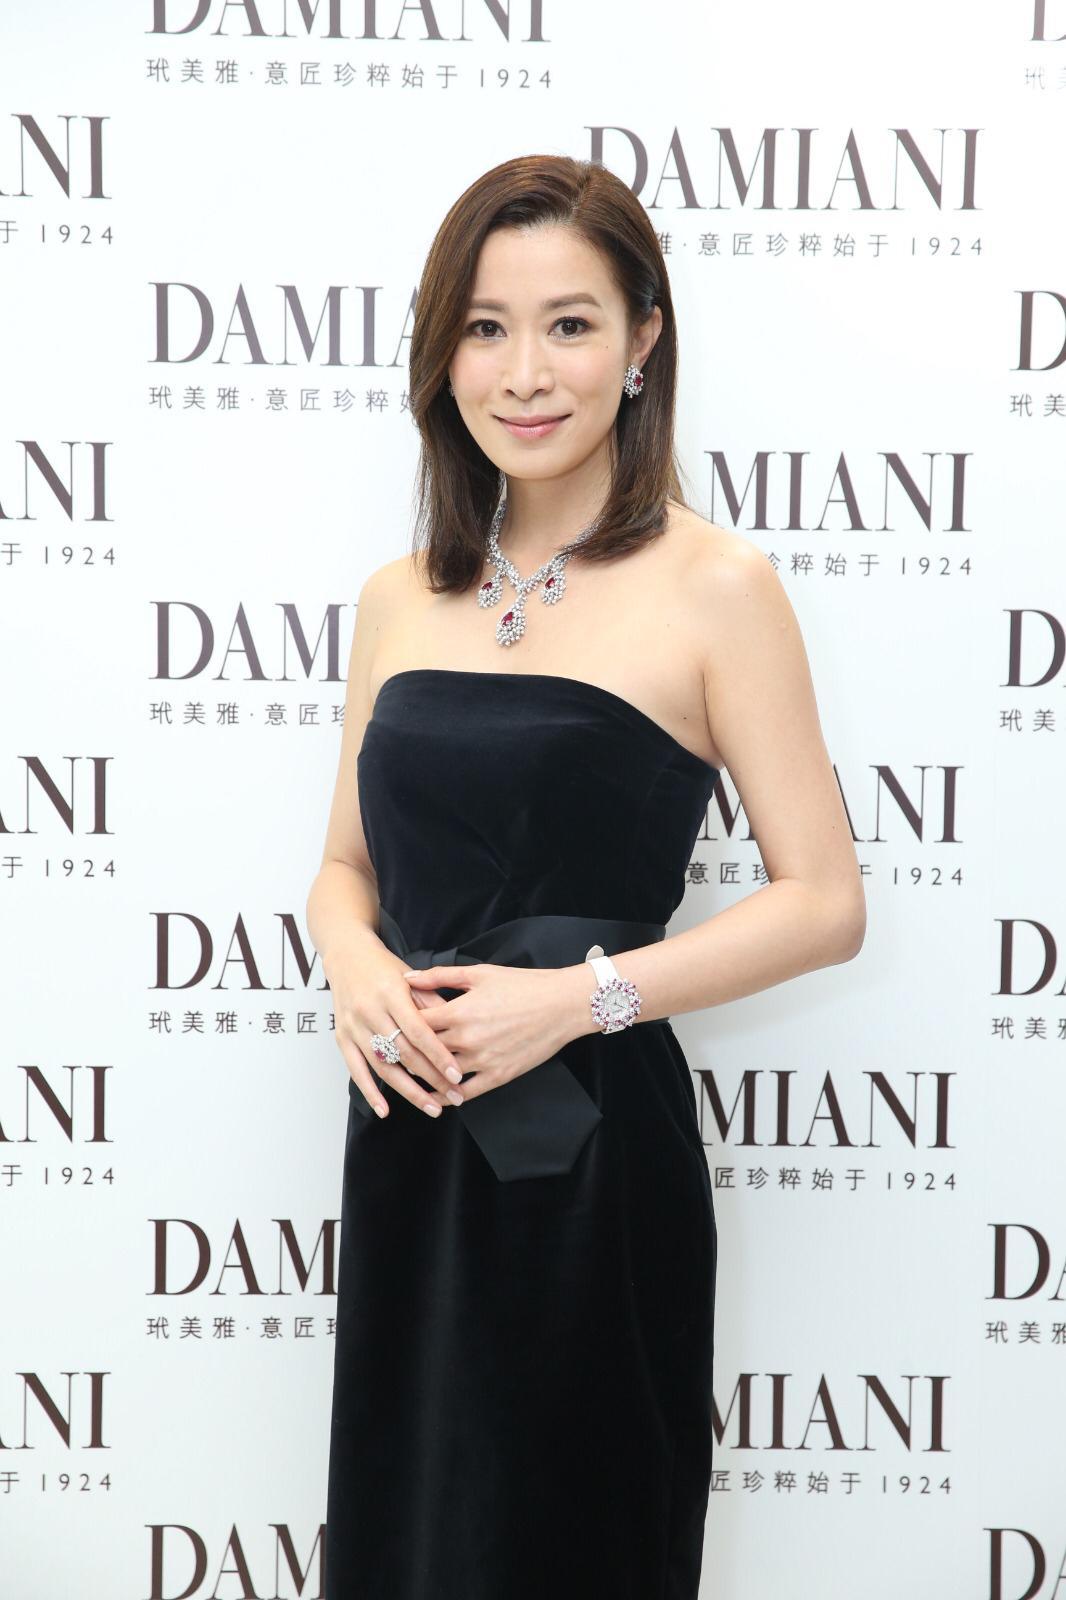 Charmaine Sheh en la inauguración boutique Damiani en Hong Kong